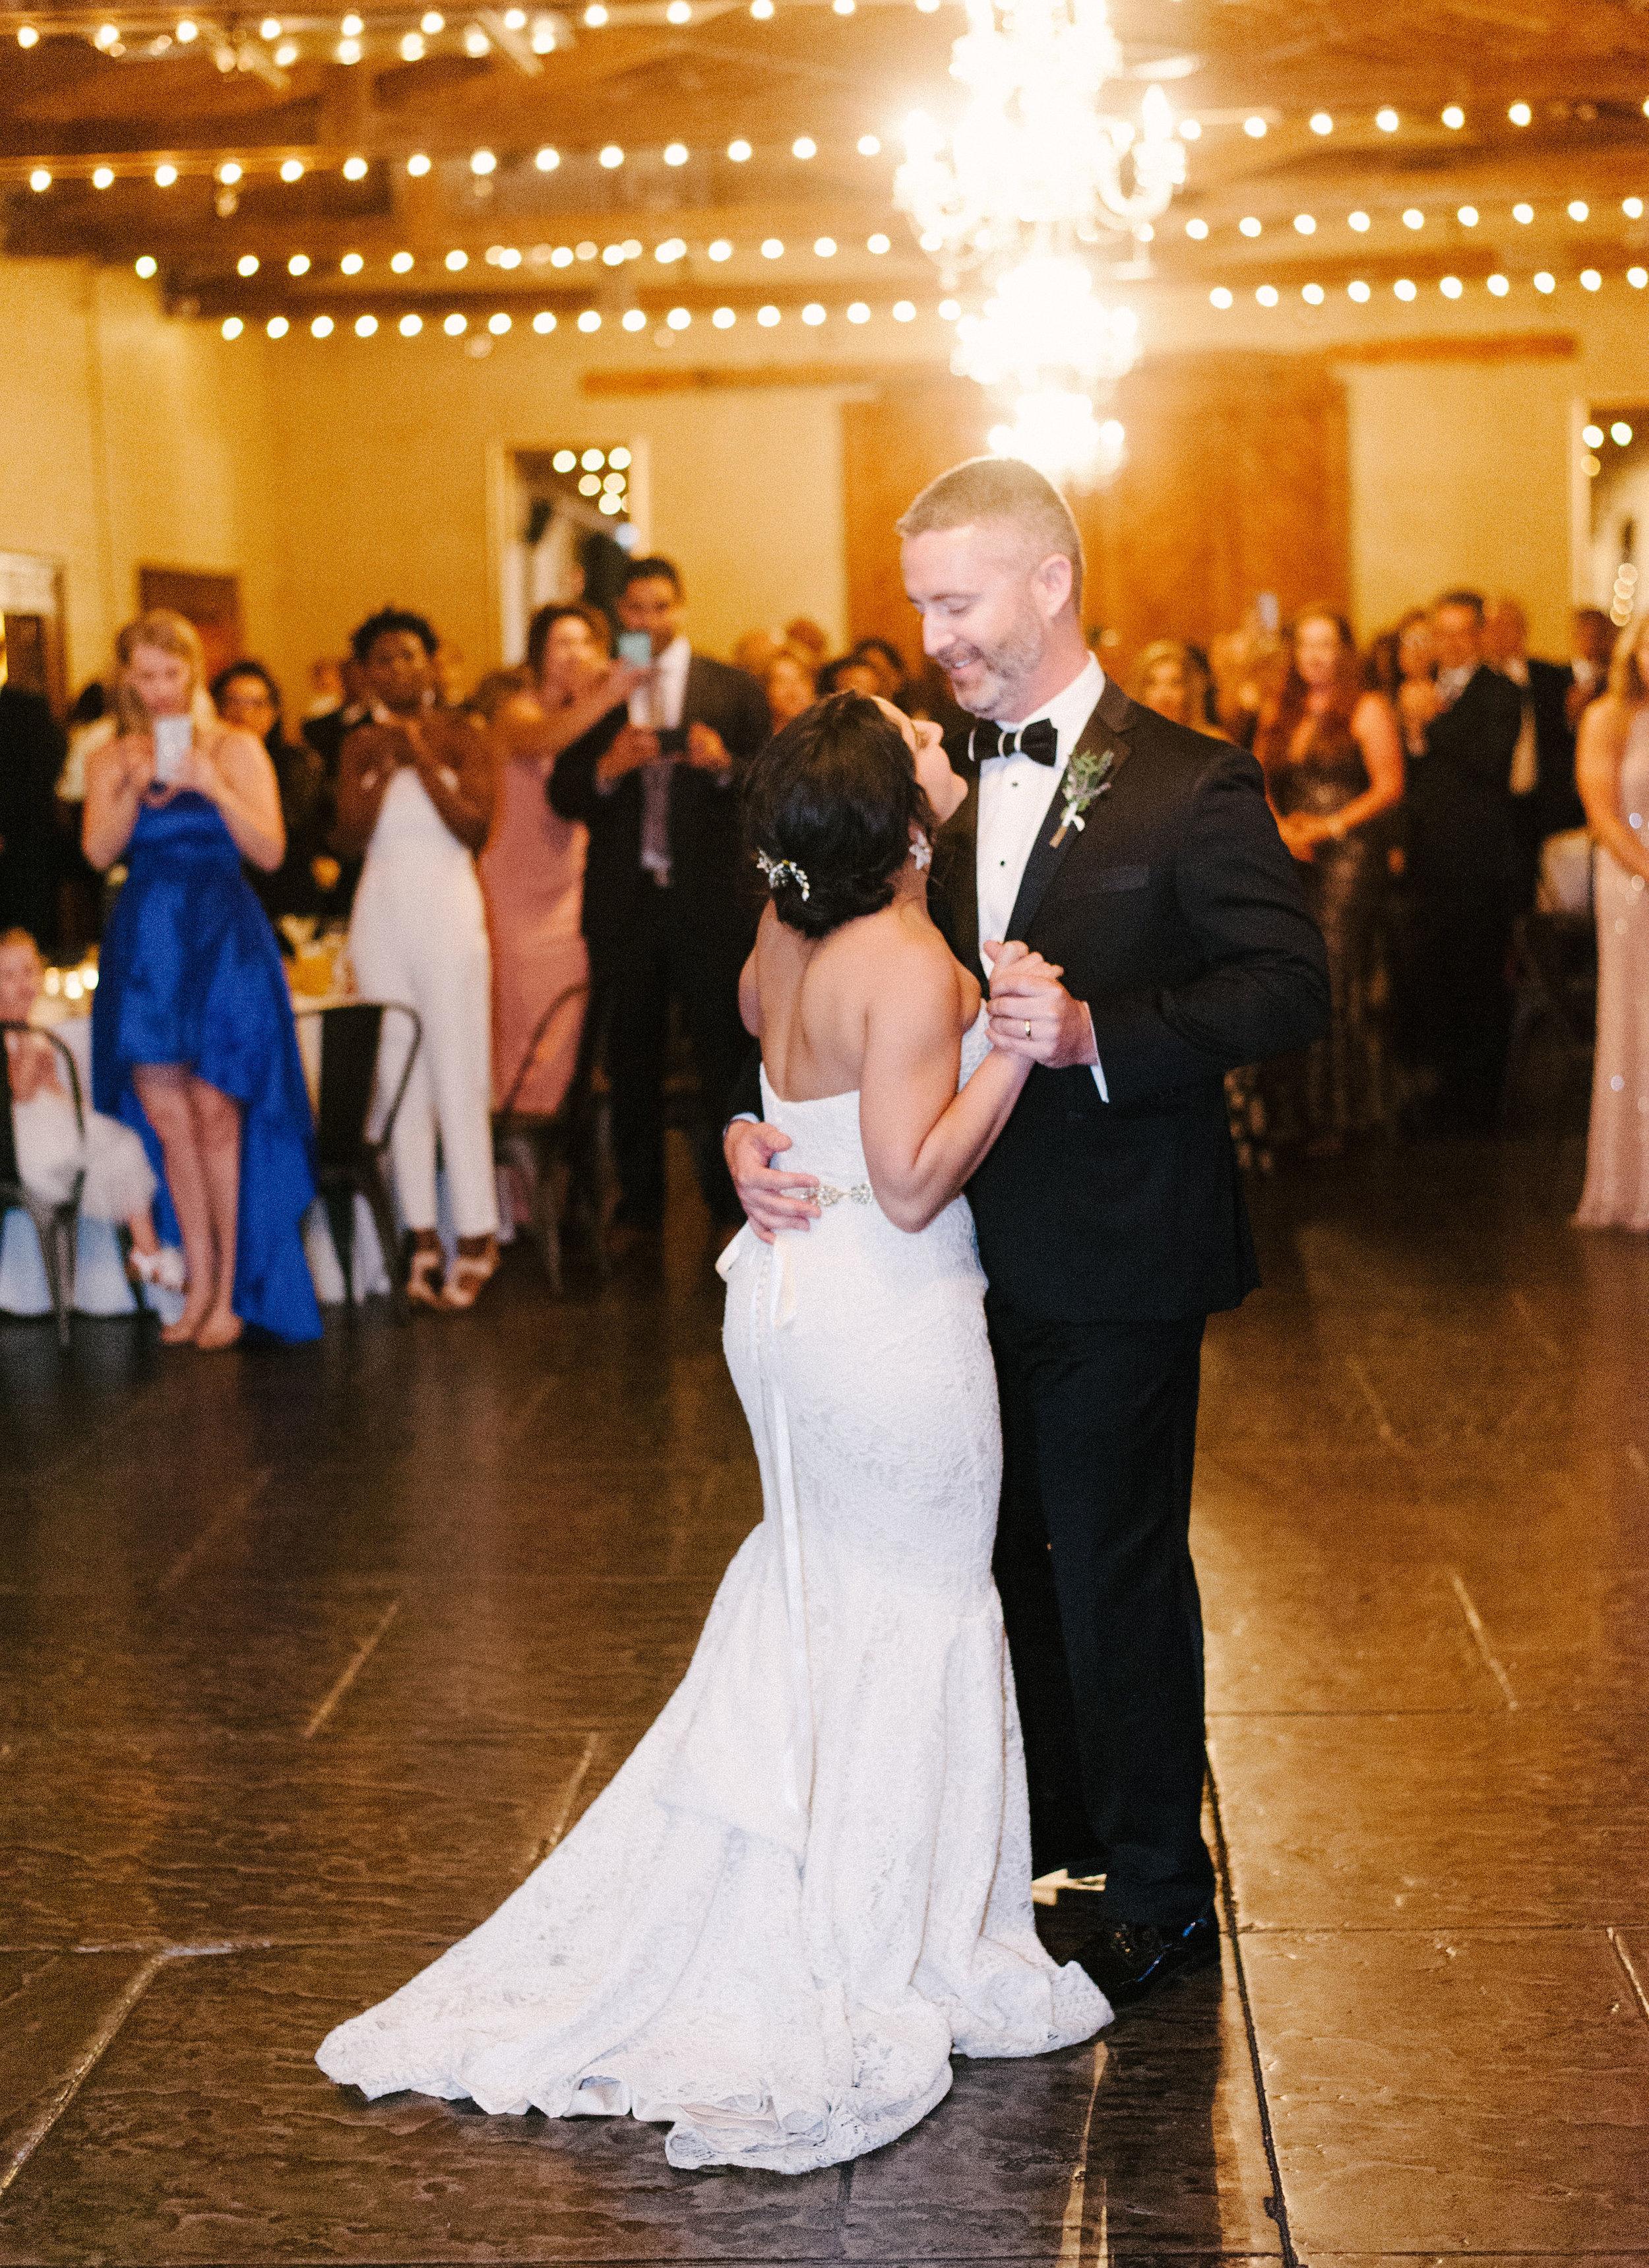 18-ivory-and-beau-bridal-boutique-wedding-dress-bridal-shop-alexjanelle_joshmorehousephotography-337.jpg